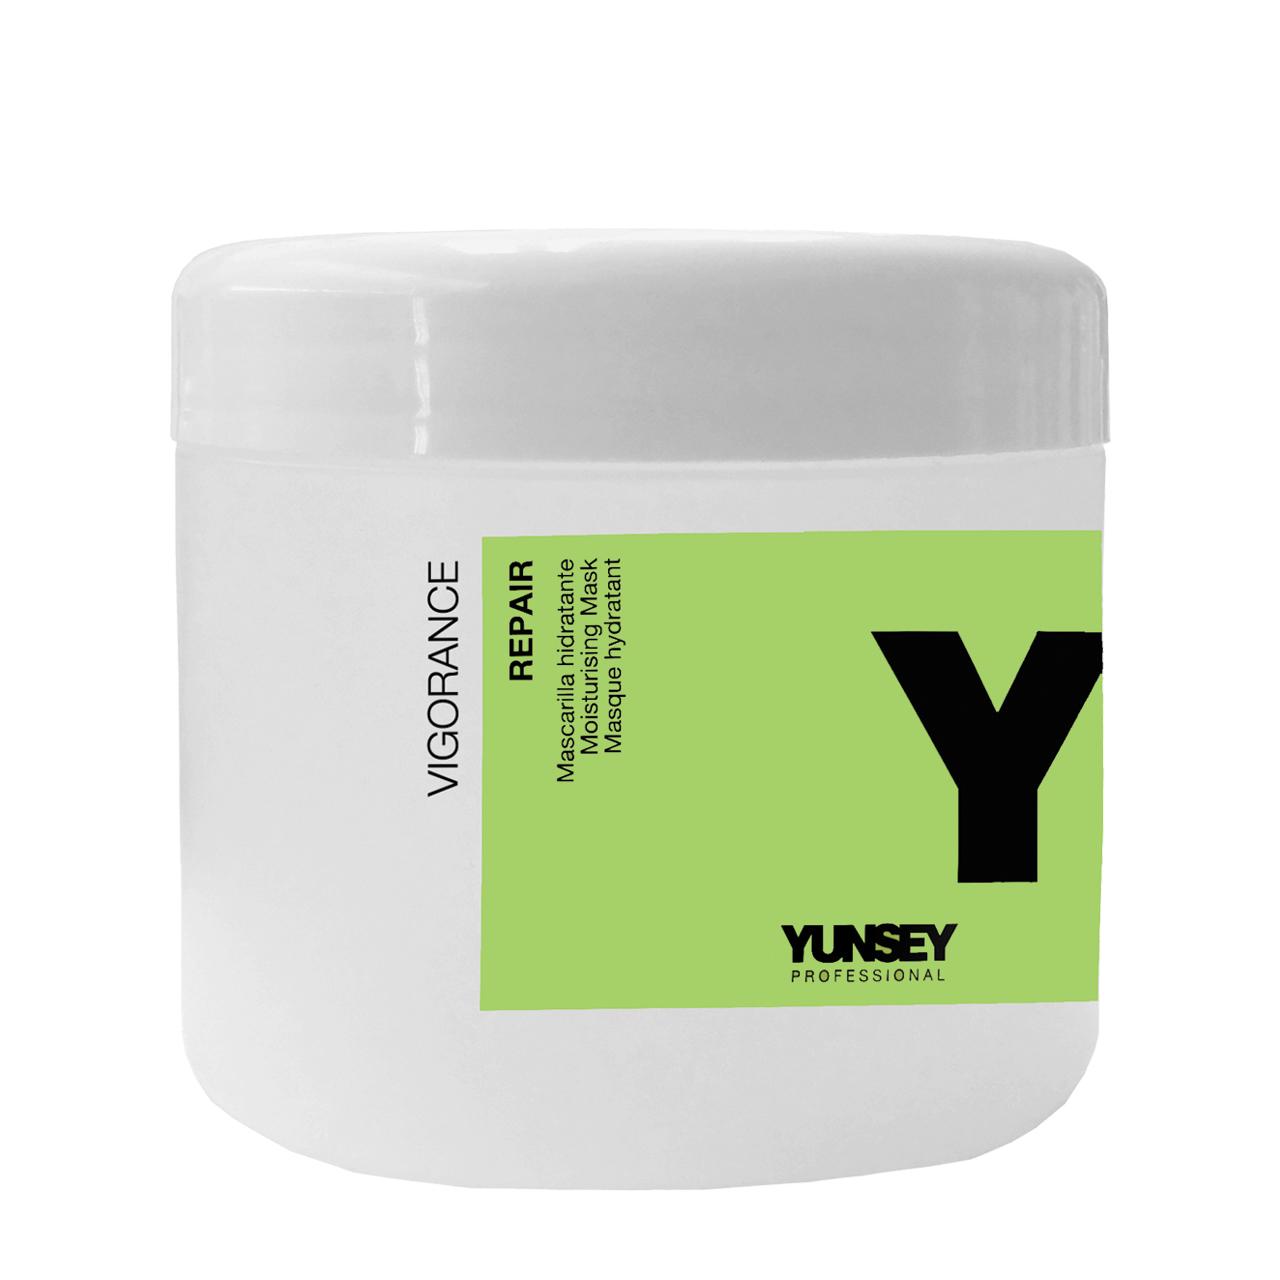 قیمت ماسک موی یانسی مدل ترمیم كننده و آبرسان موهای خشک حجم 500 میلی لیتر